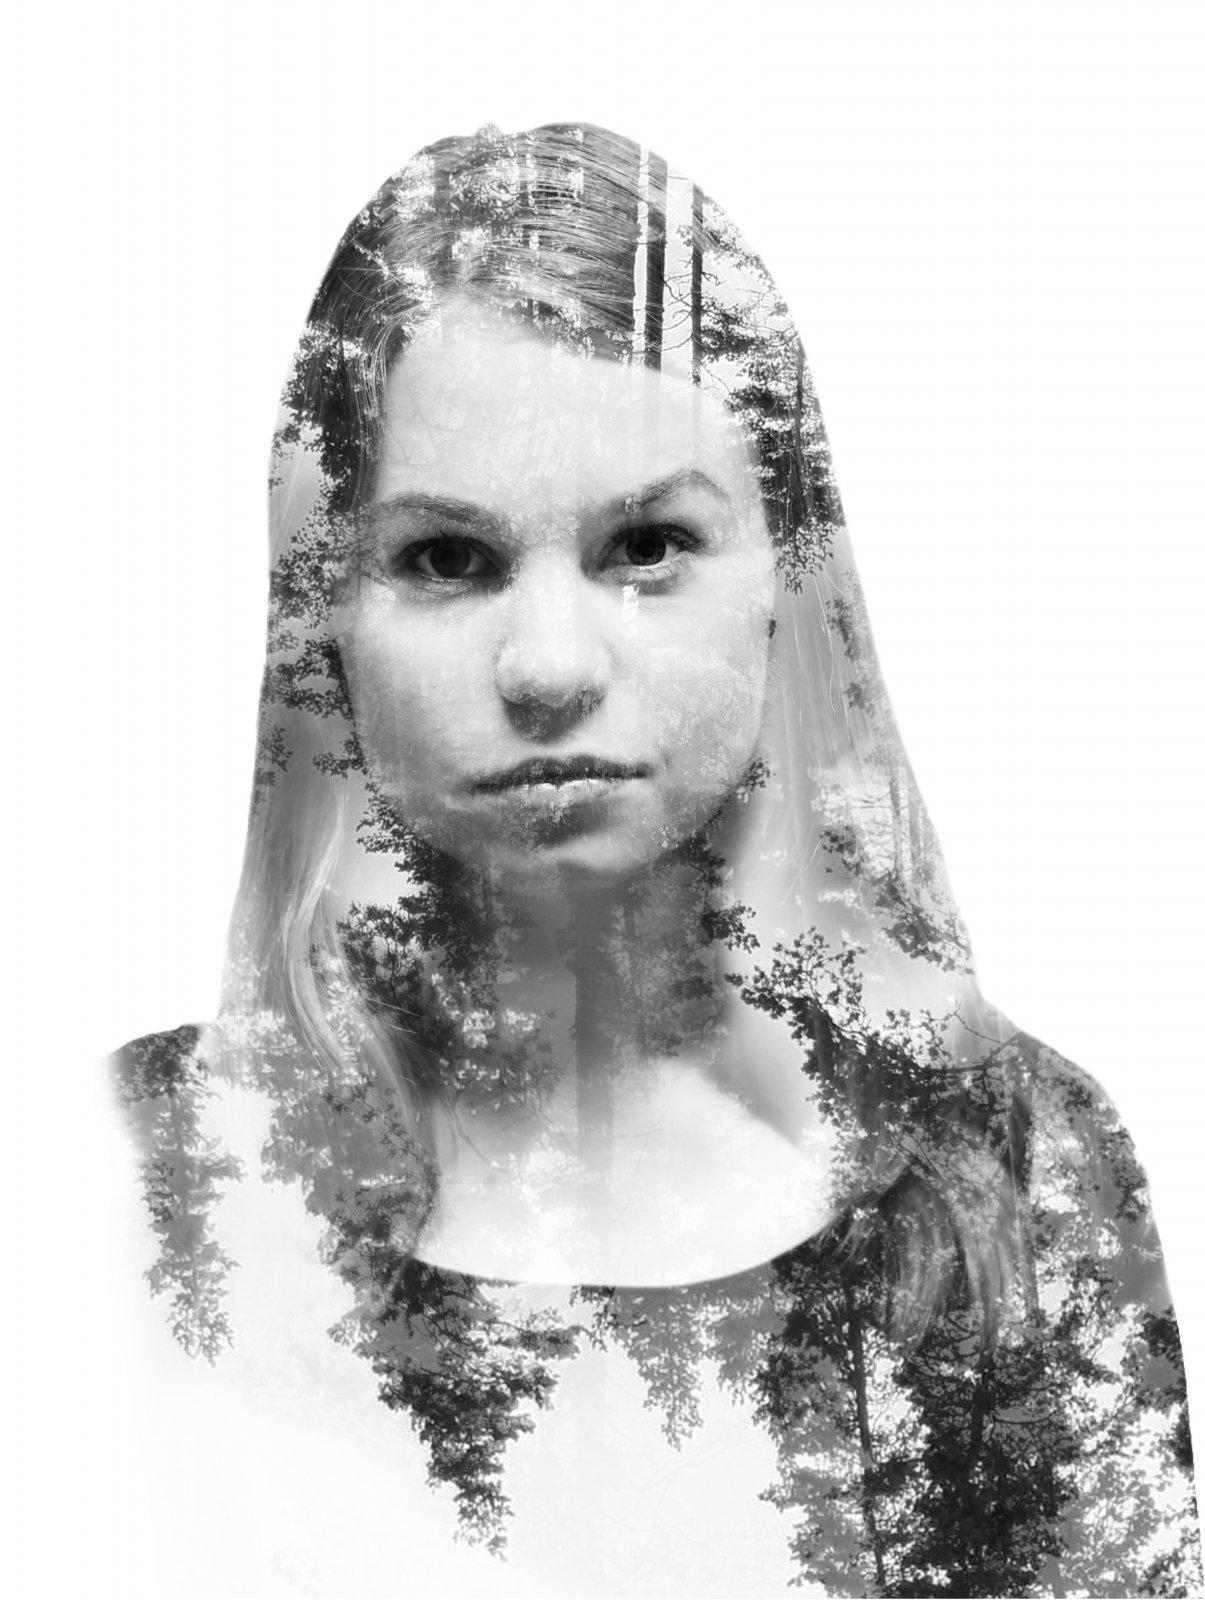 Kristiina Mikkonen muokattu valokuva 2015